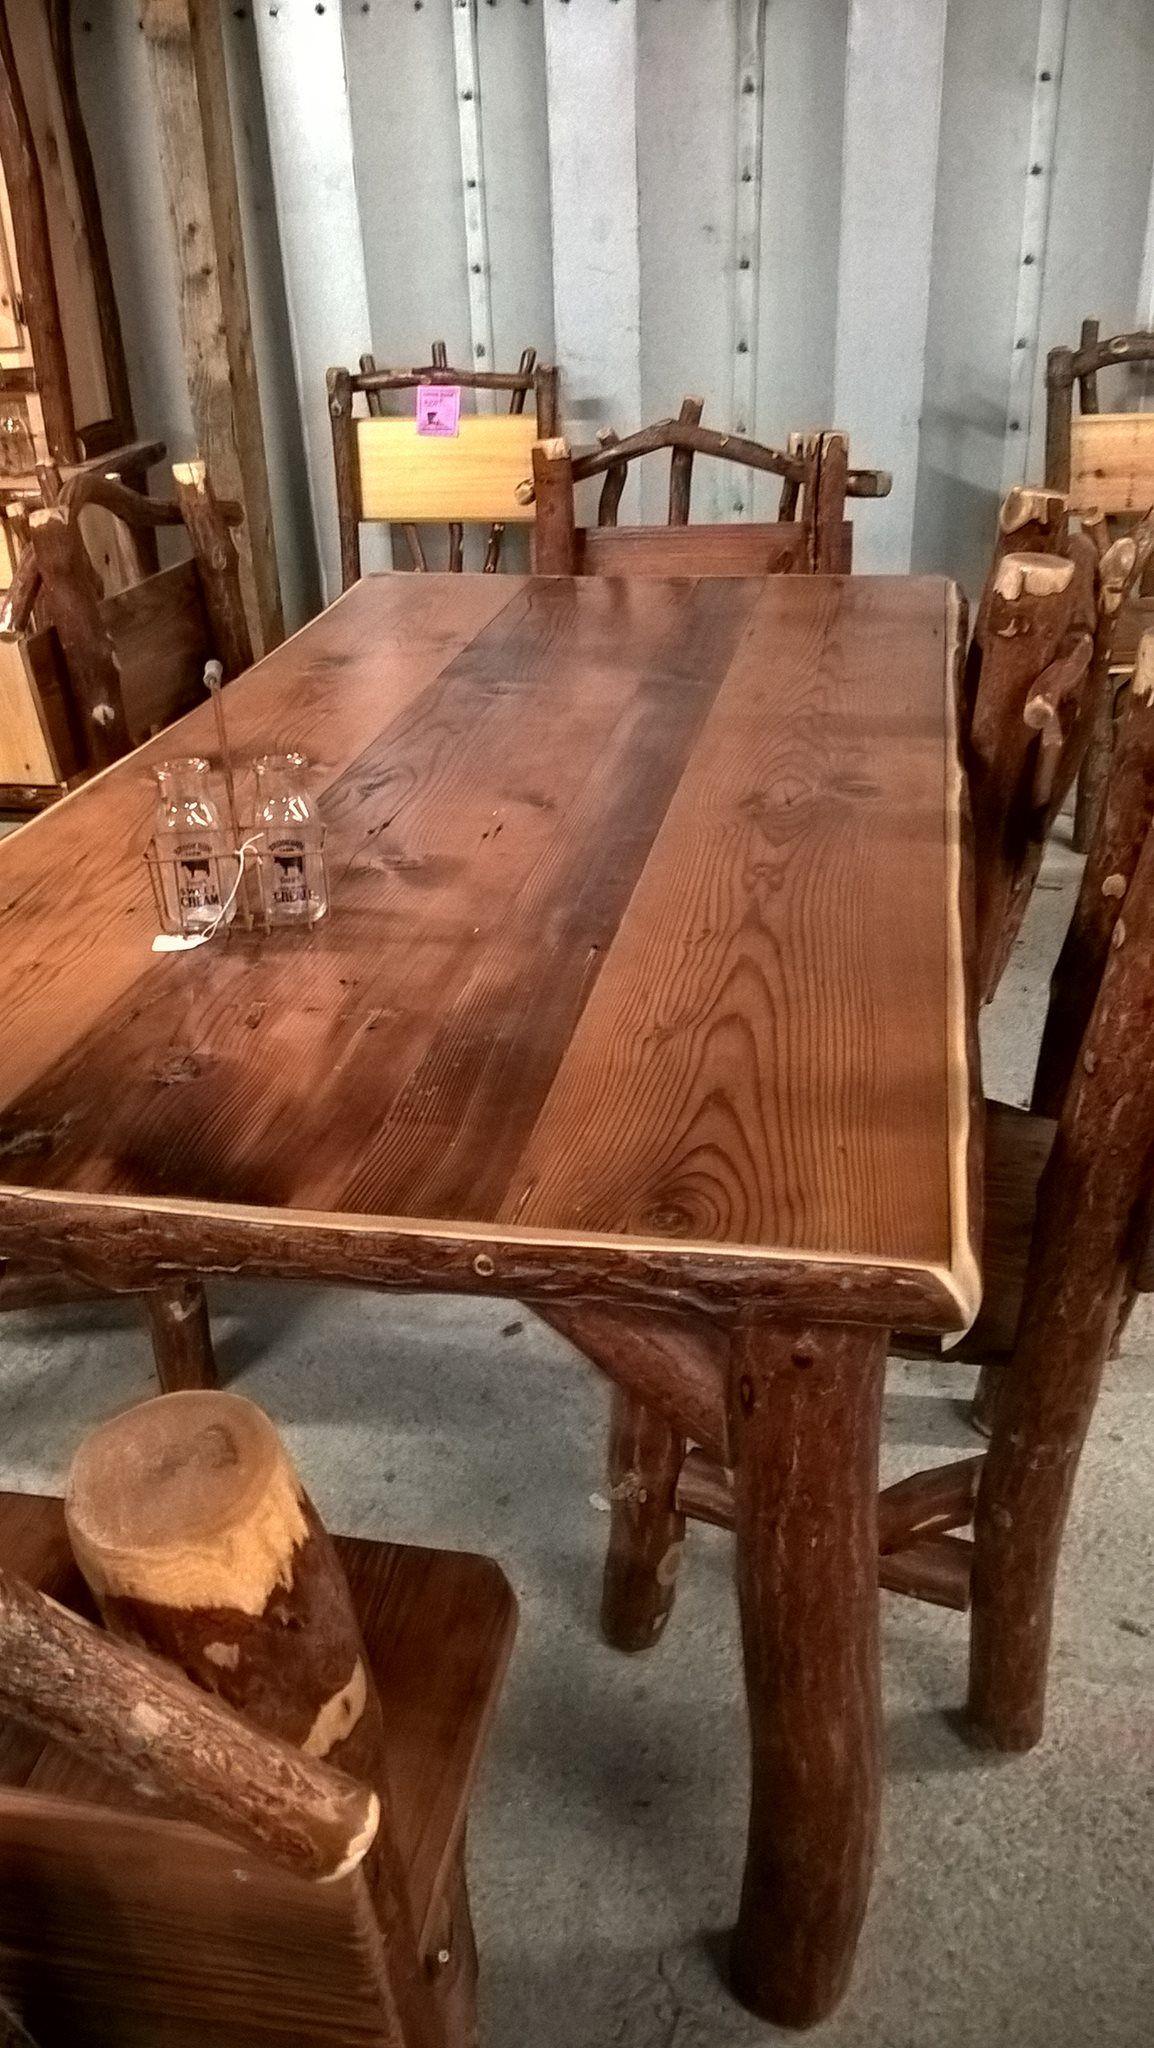 Amish Made Furniture Furniture Amish Furniture Furniture Making